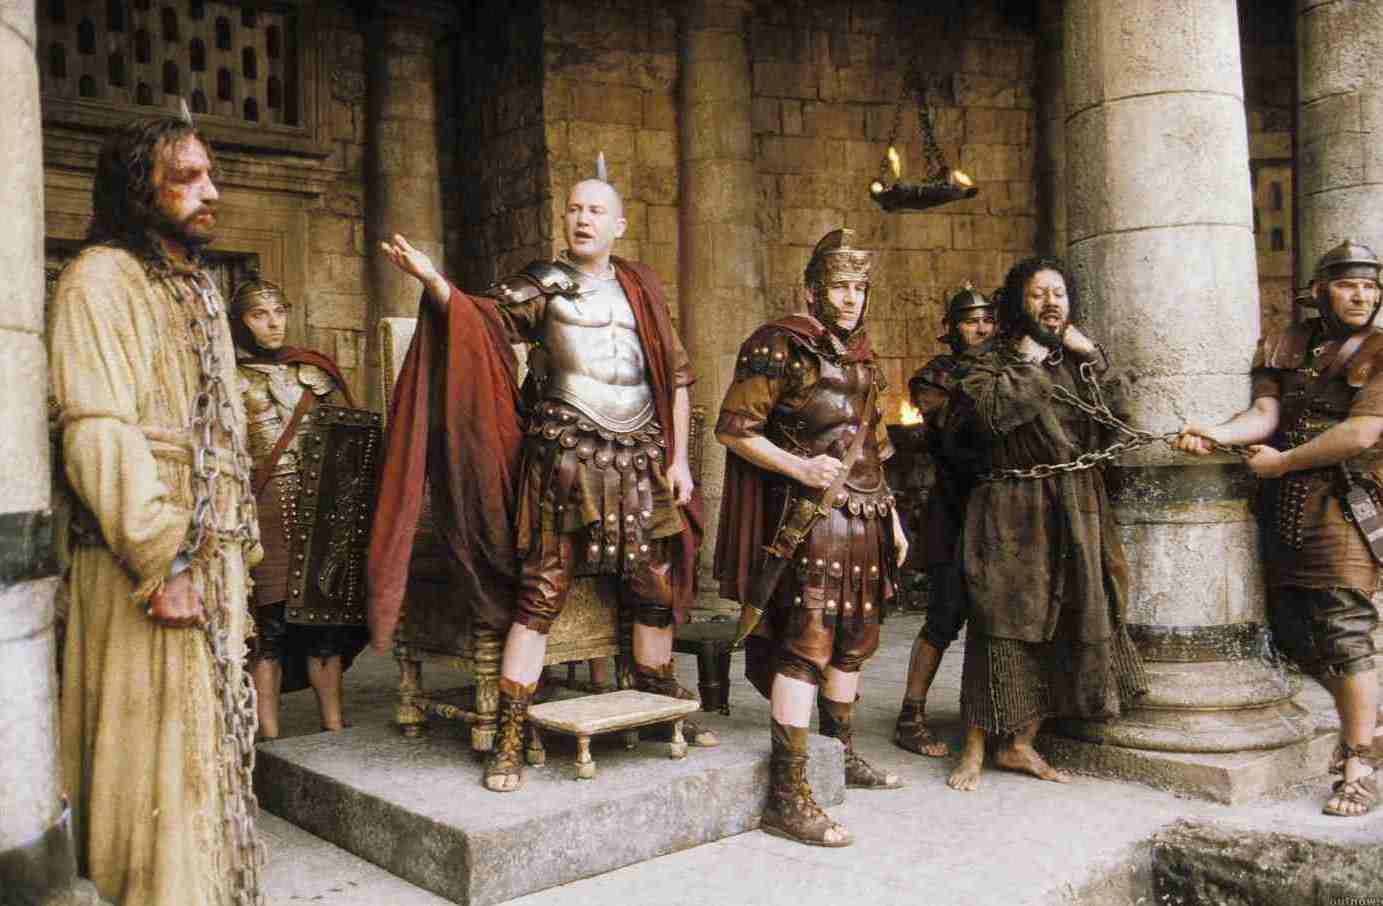 Gesù e Barabba: si tratta della stessa persona?